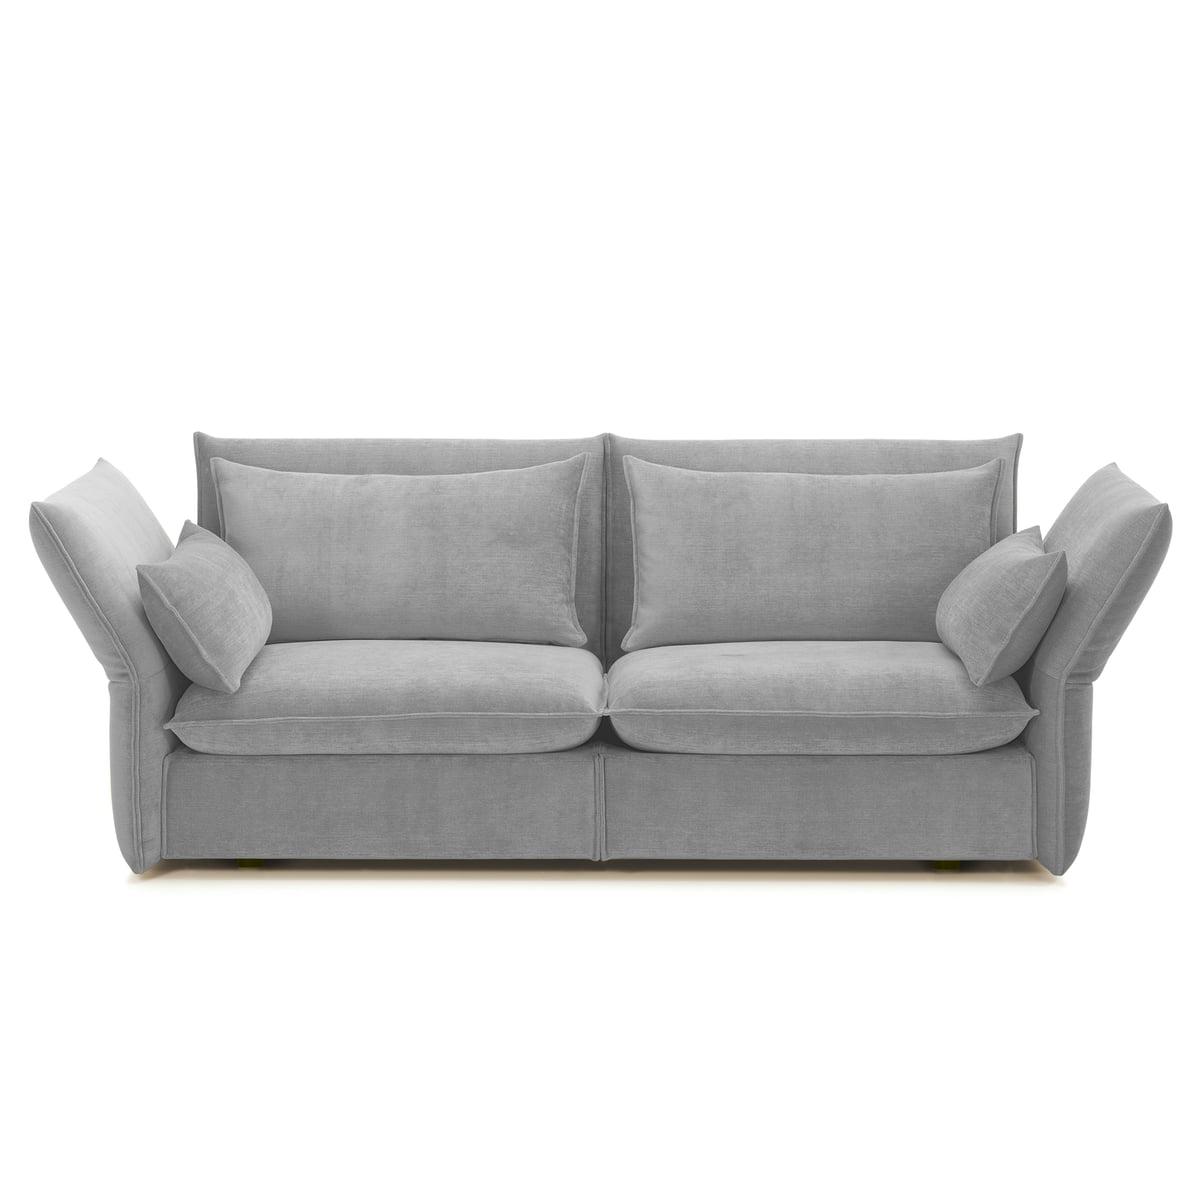 silbergrau 2 & 3 Sitzer Sofas online kaufen | Möbel-Suchmaschine ...